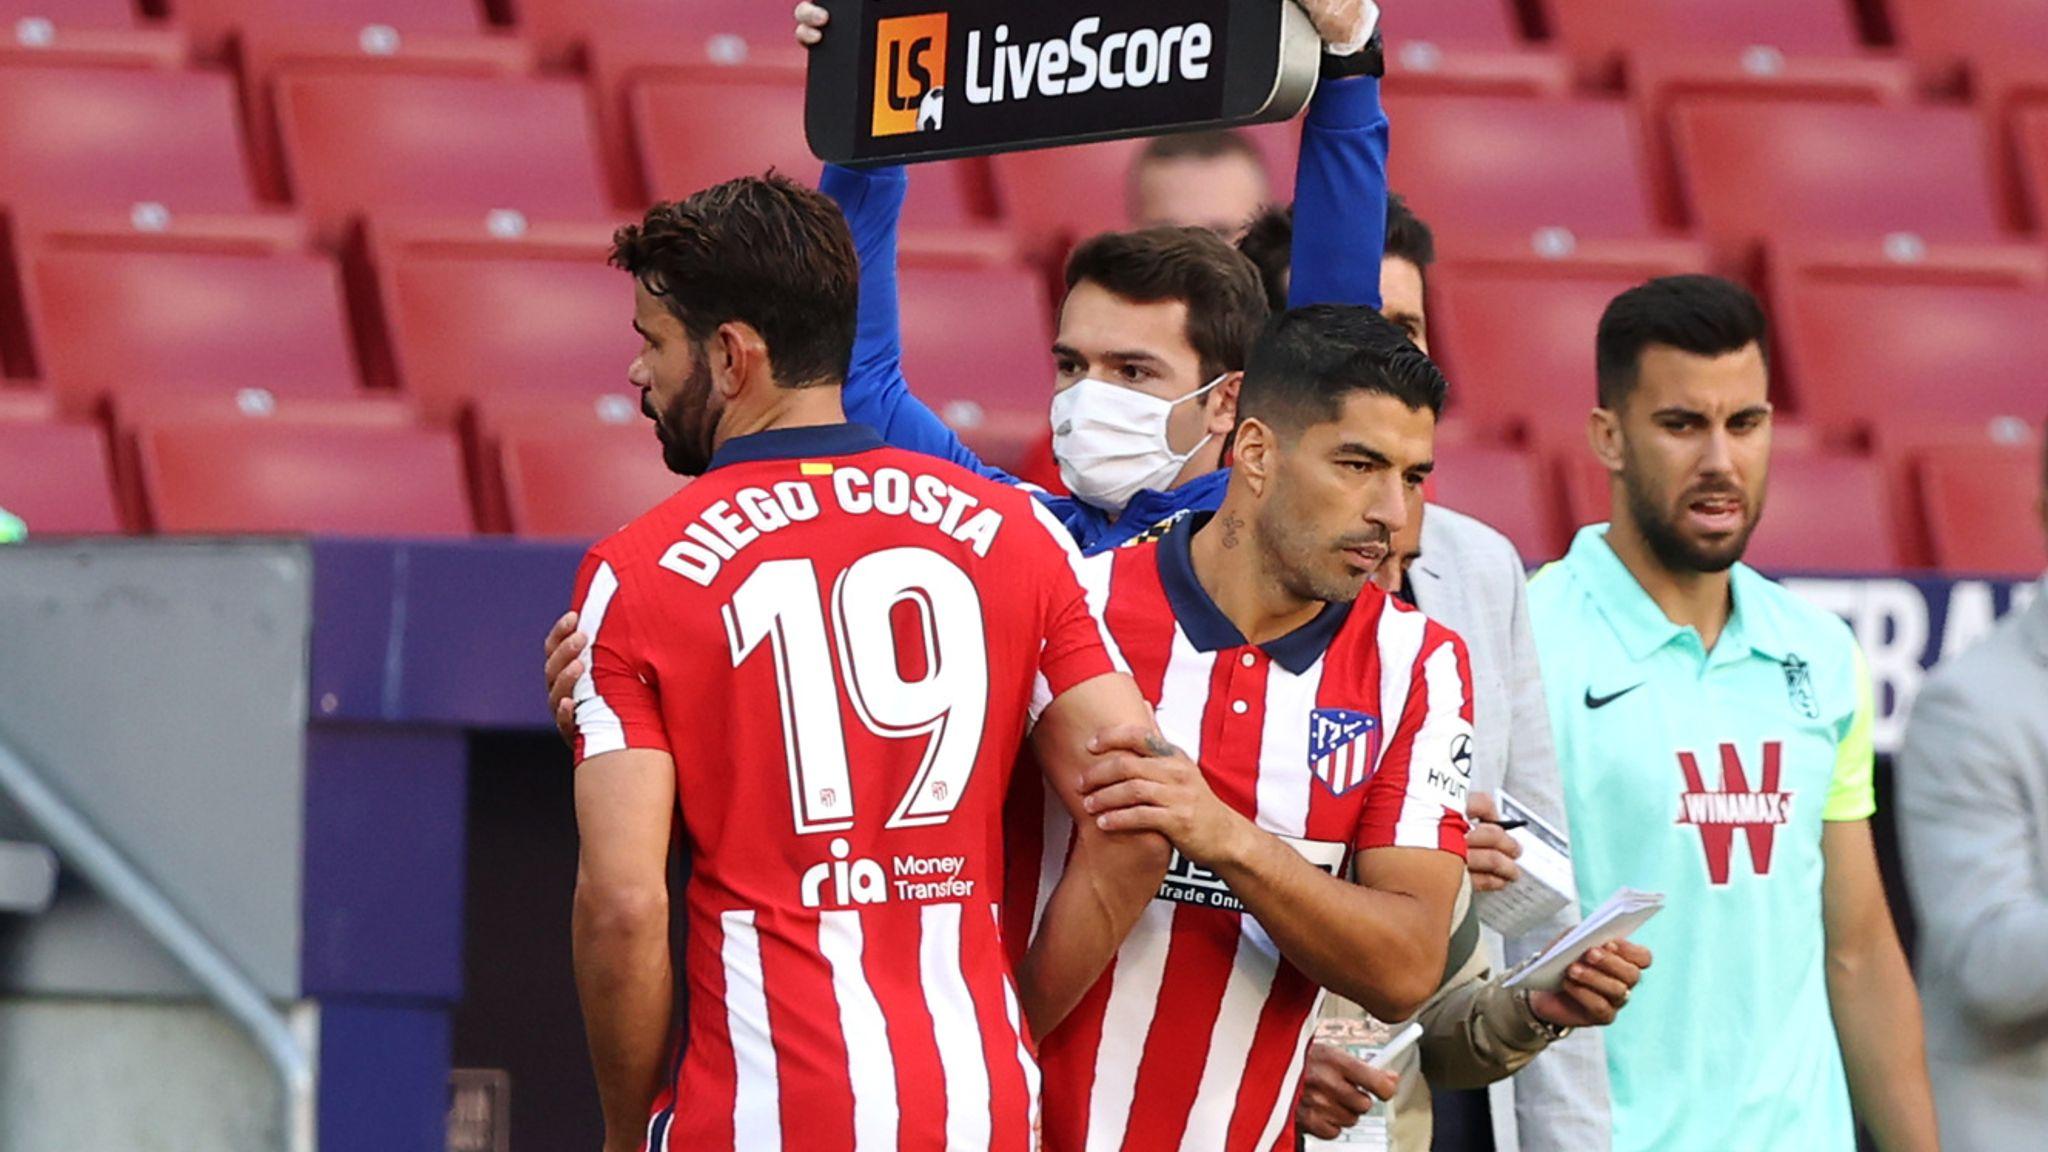 Diego Costa și Luis Suarez. Sursă foto: skysports.com